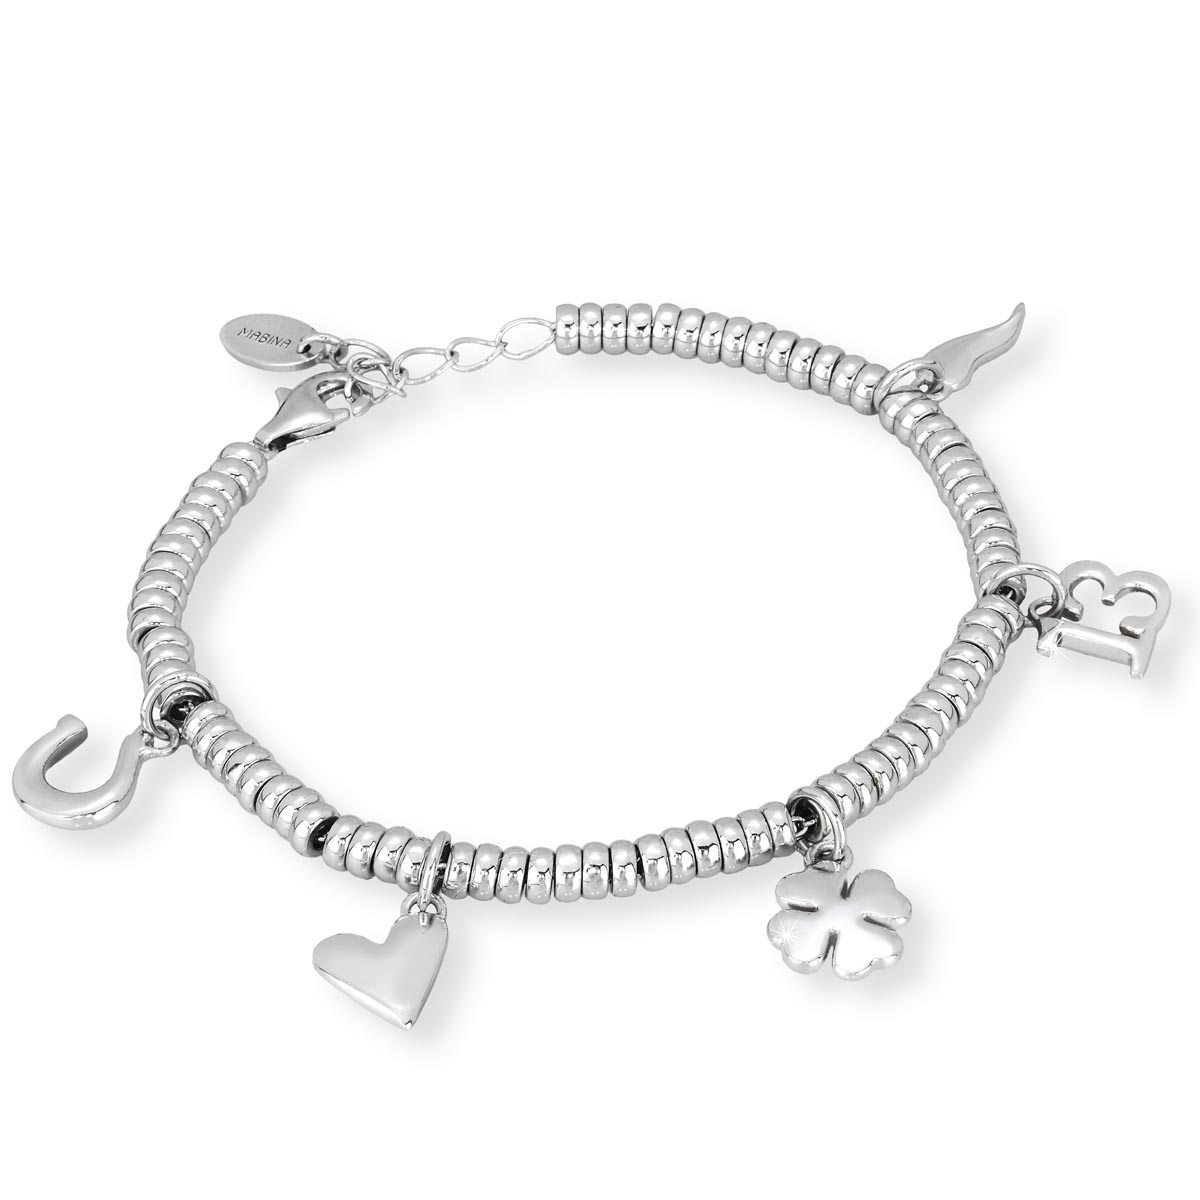 Assez Bracciale in argento con charms porta fortuna | Gioielloro.it - La  GR89